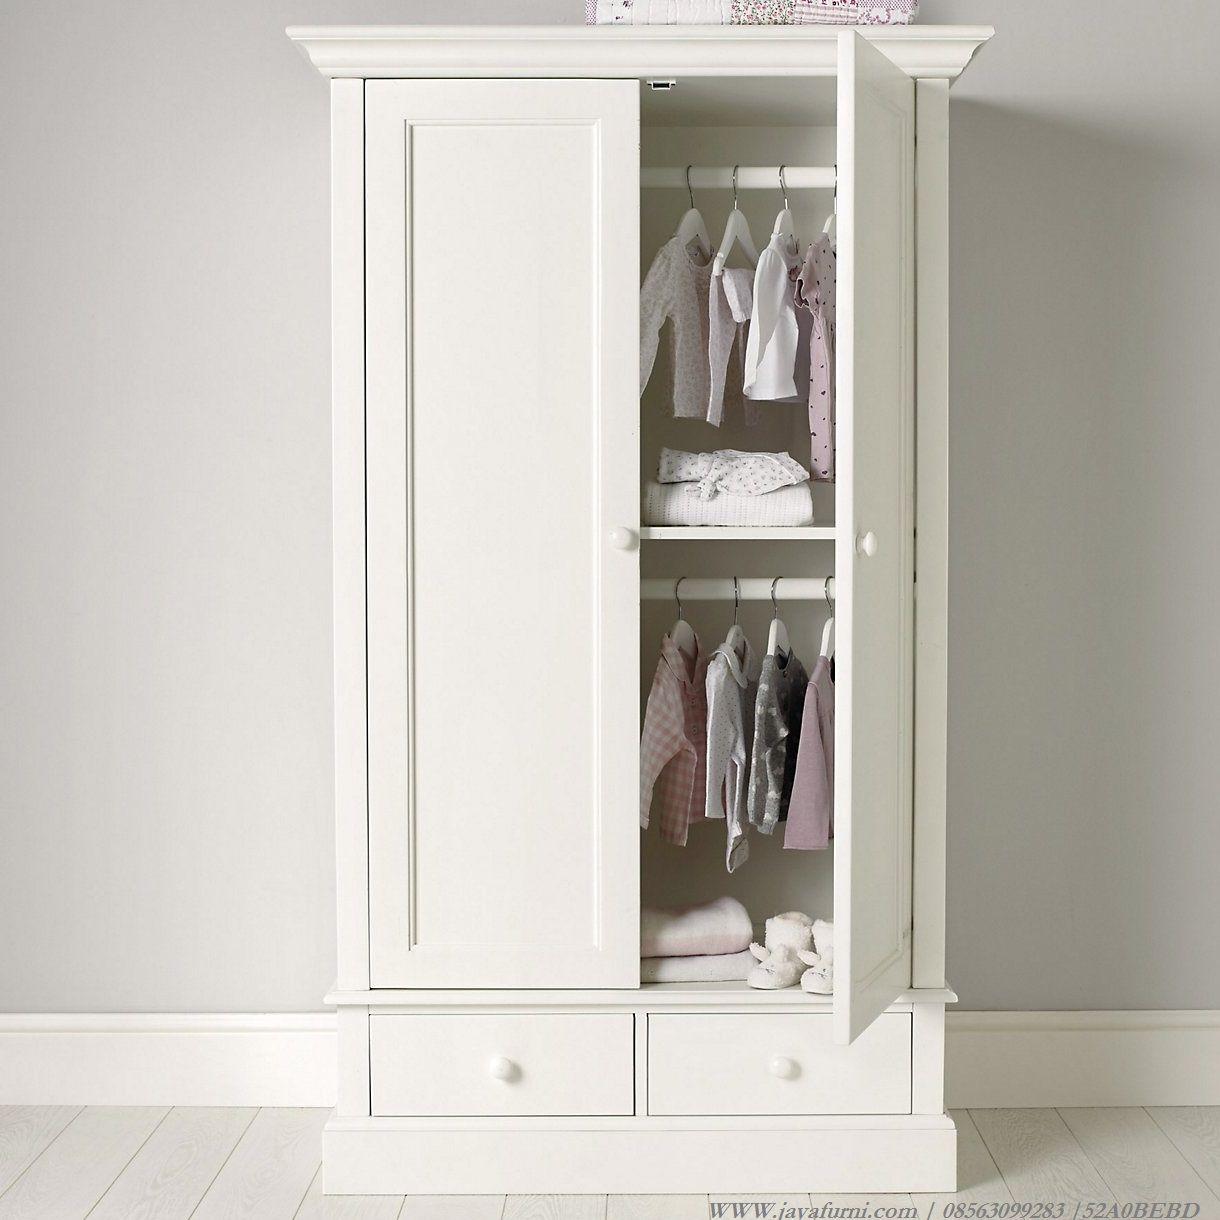 Lemari Pakaian Anak Putih 2 Pintu Dan Laci Khusus Untuk Anda Medium Motif Classic Small Wardrobe The White Company Childrens Wardrobes Bedroom